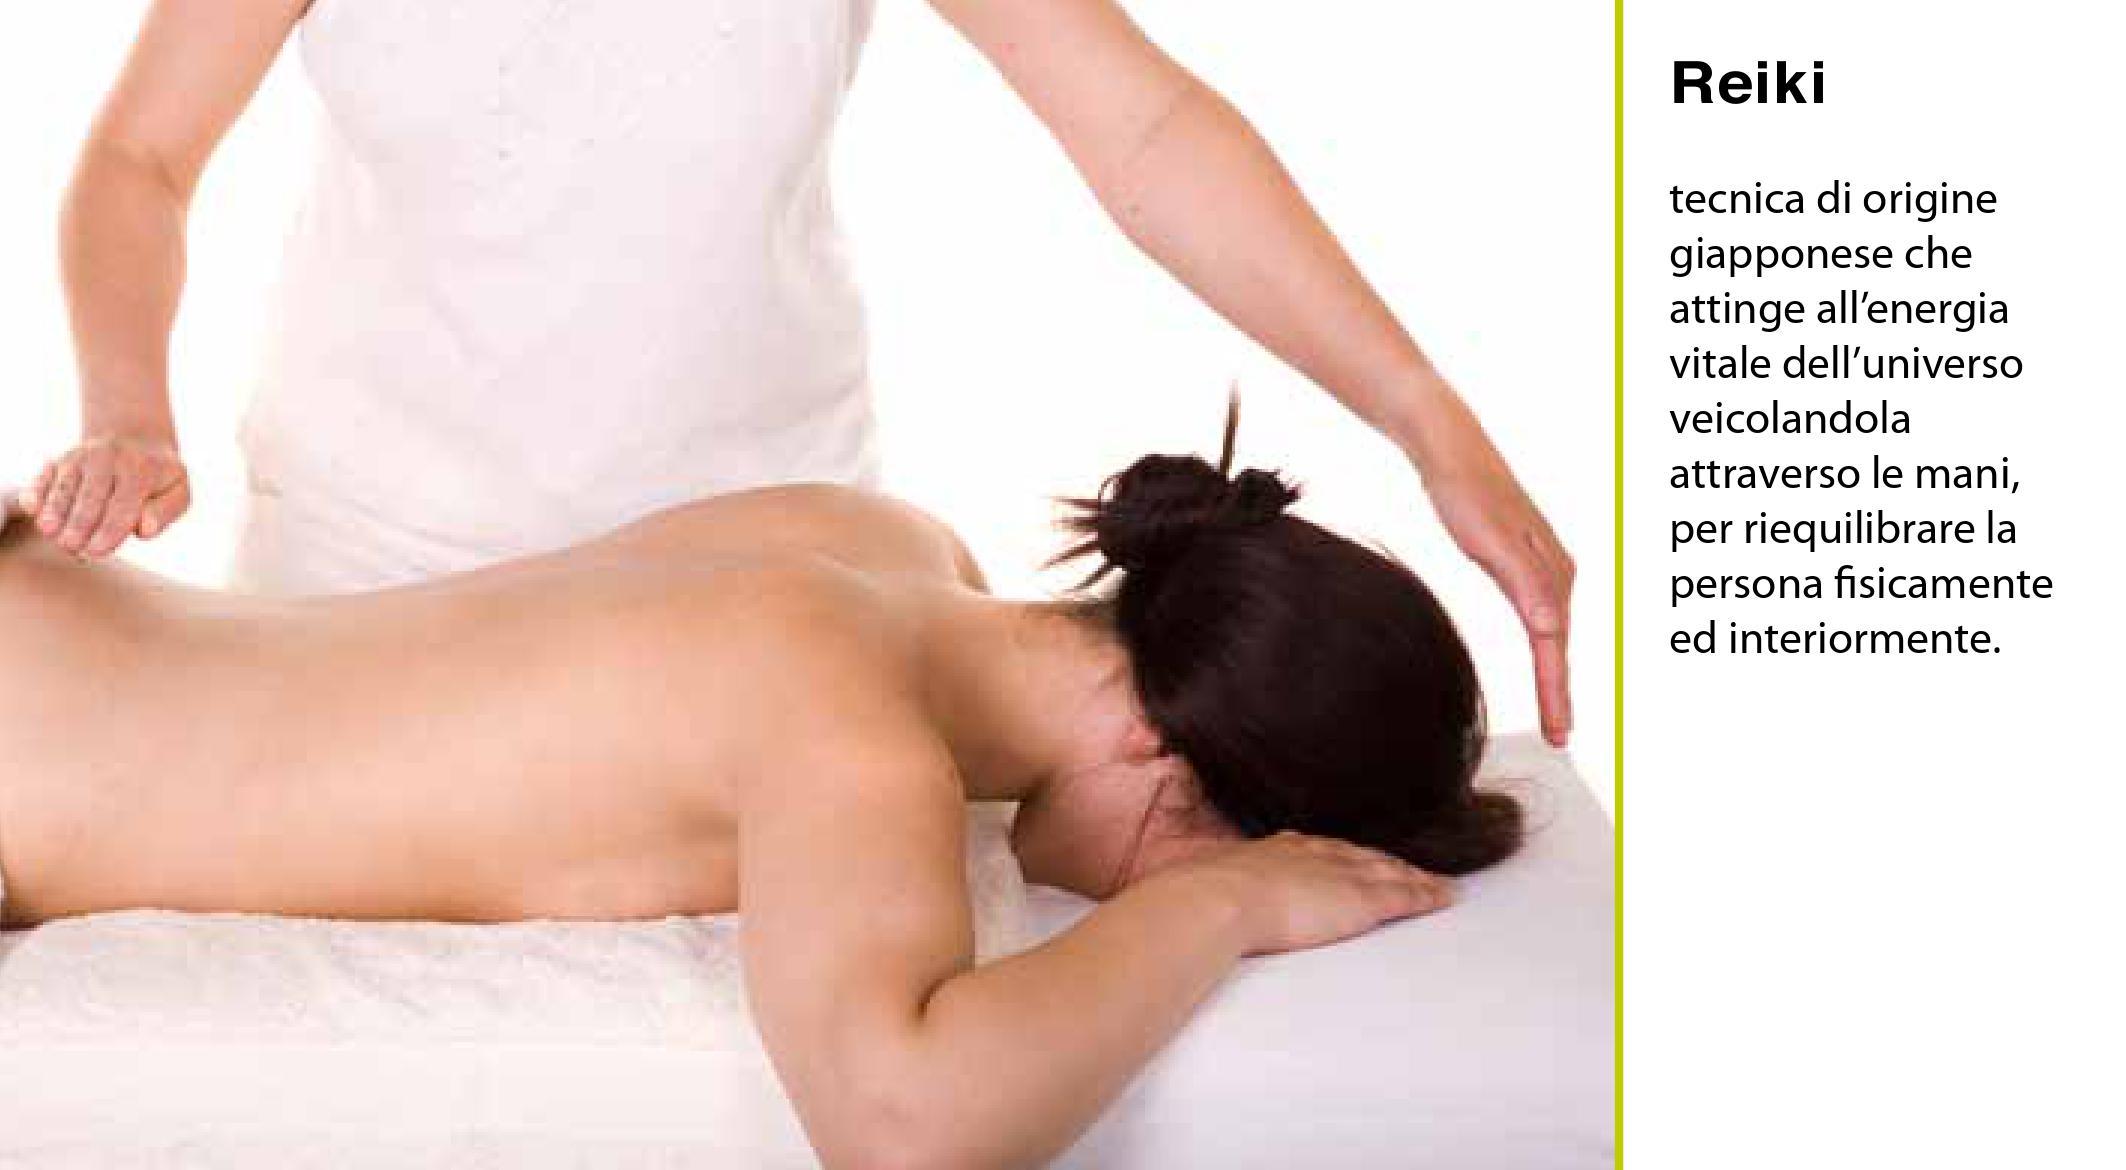 una ragazza senza vestiti per massaggio Reiki